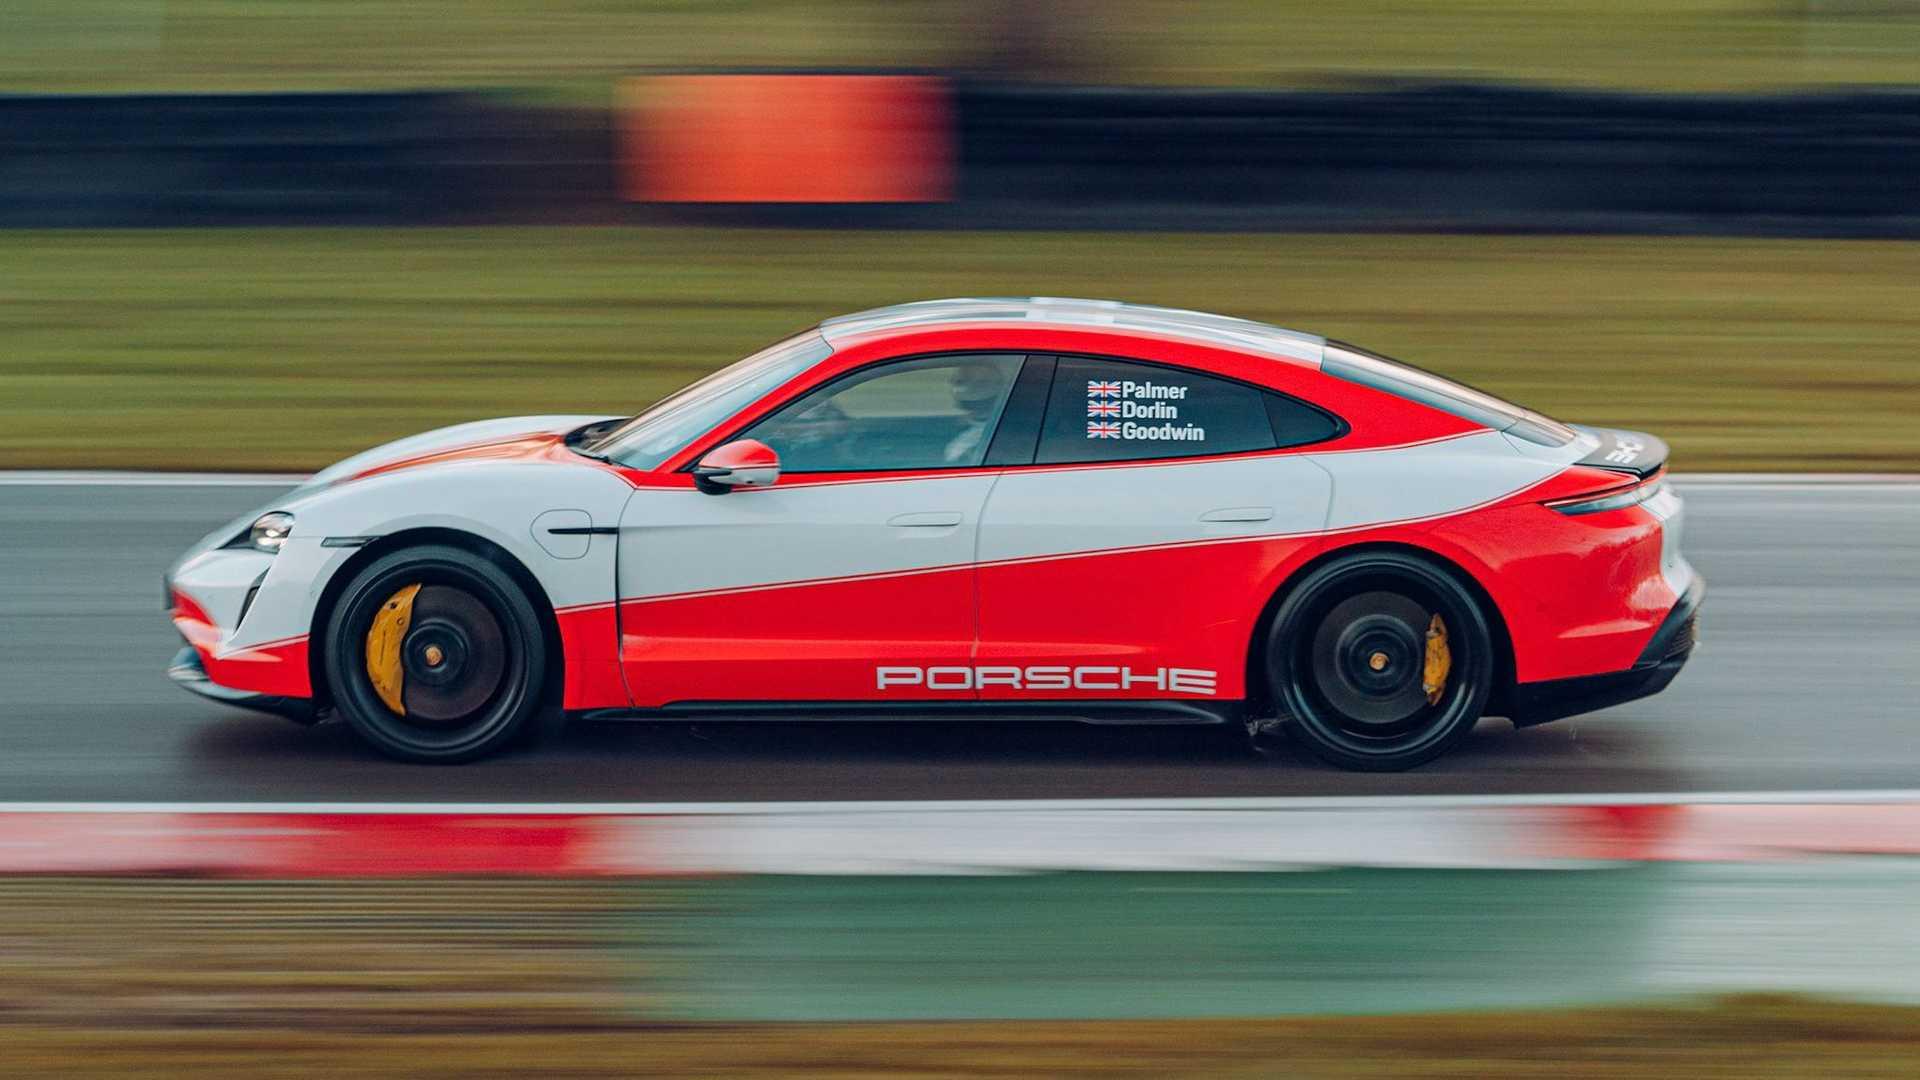 Porsche-Taycan-At-Brands-Hatch-Circuit-15